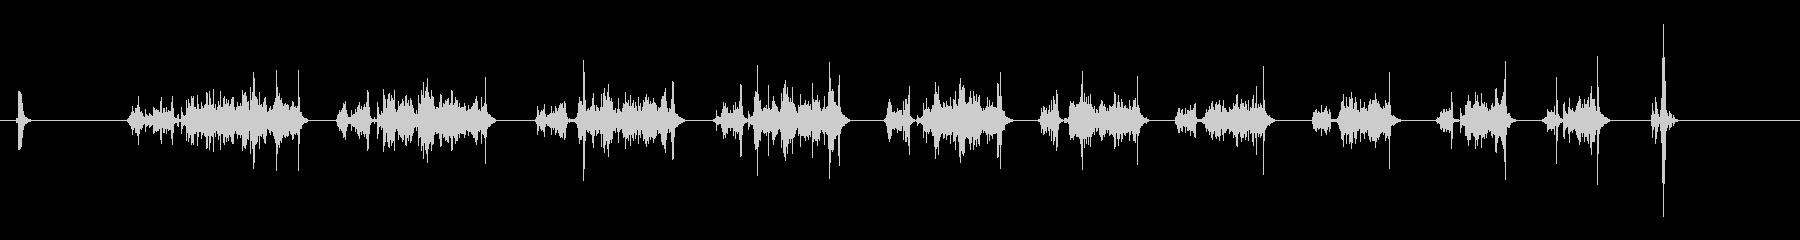 黒電話を操作する音の未再生の波形